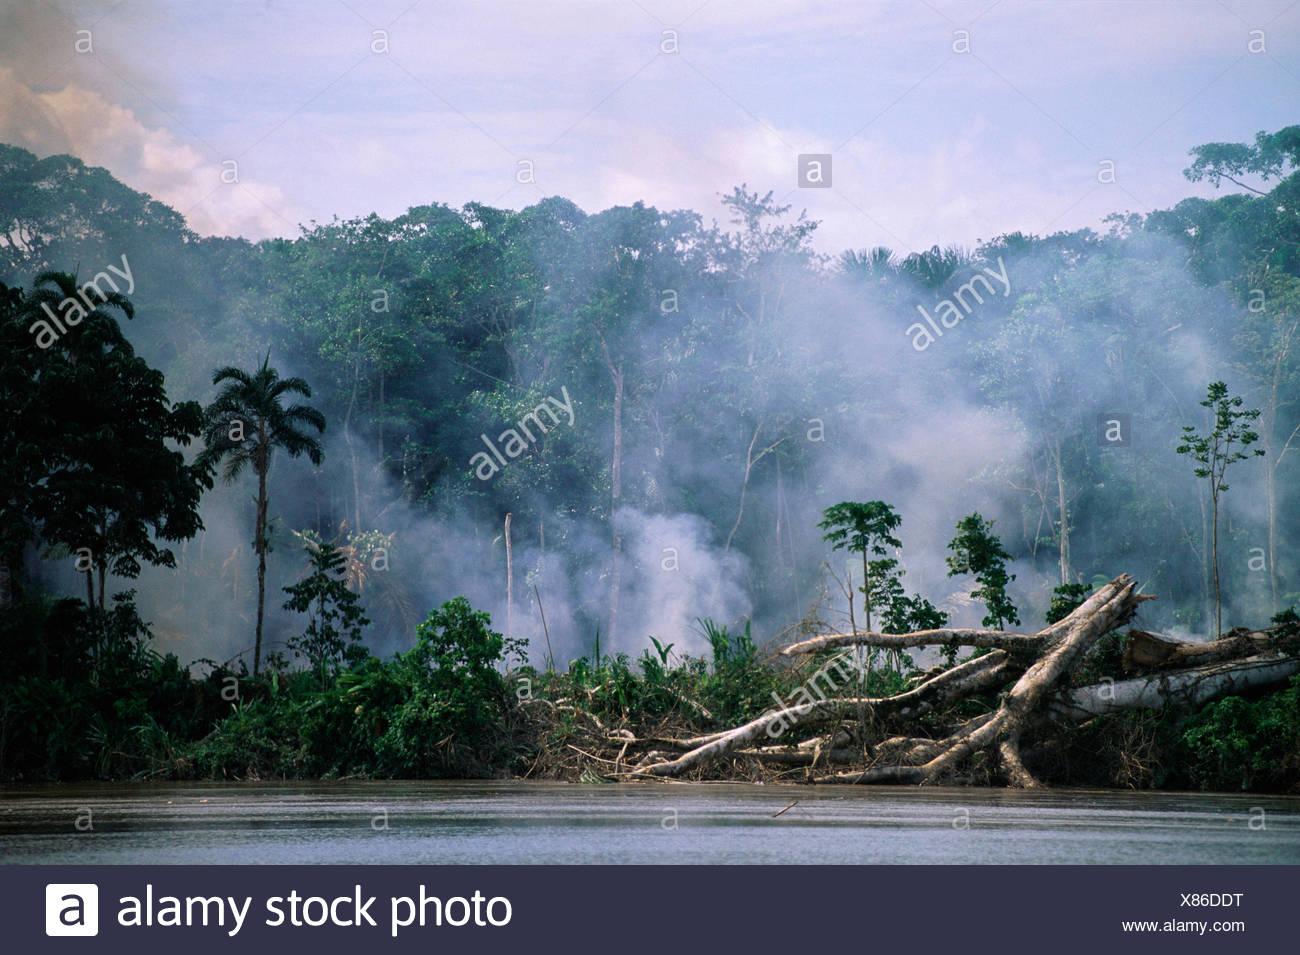 La deforestazione - il fumo degli incendi nella foresta amazzonica lungo la riva del fiume, Ecuador, Sud America Immagini Stock